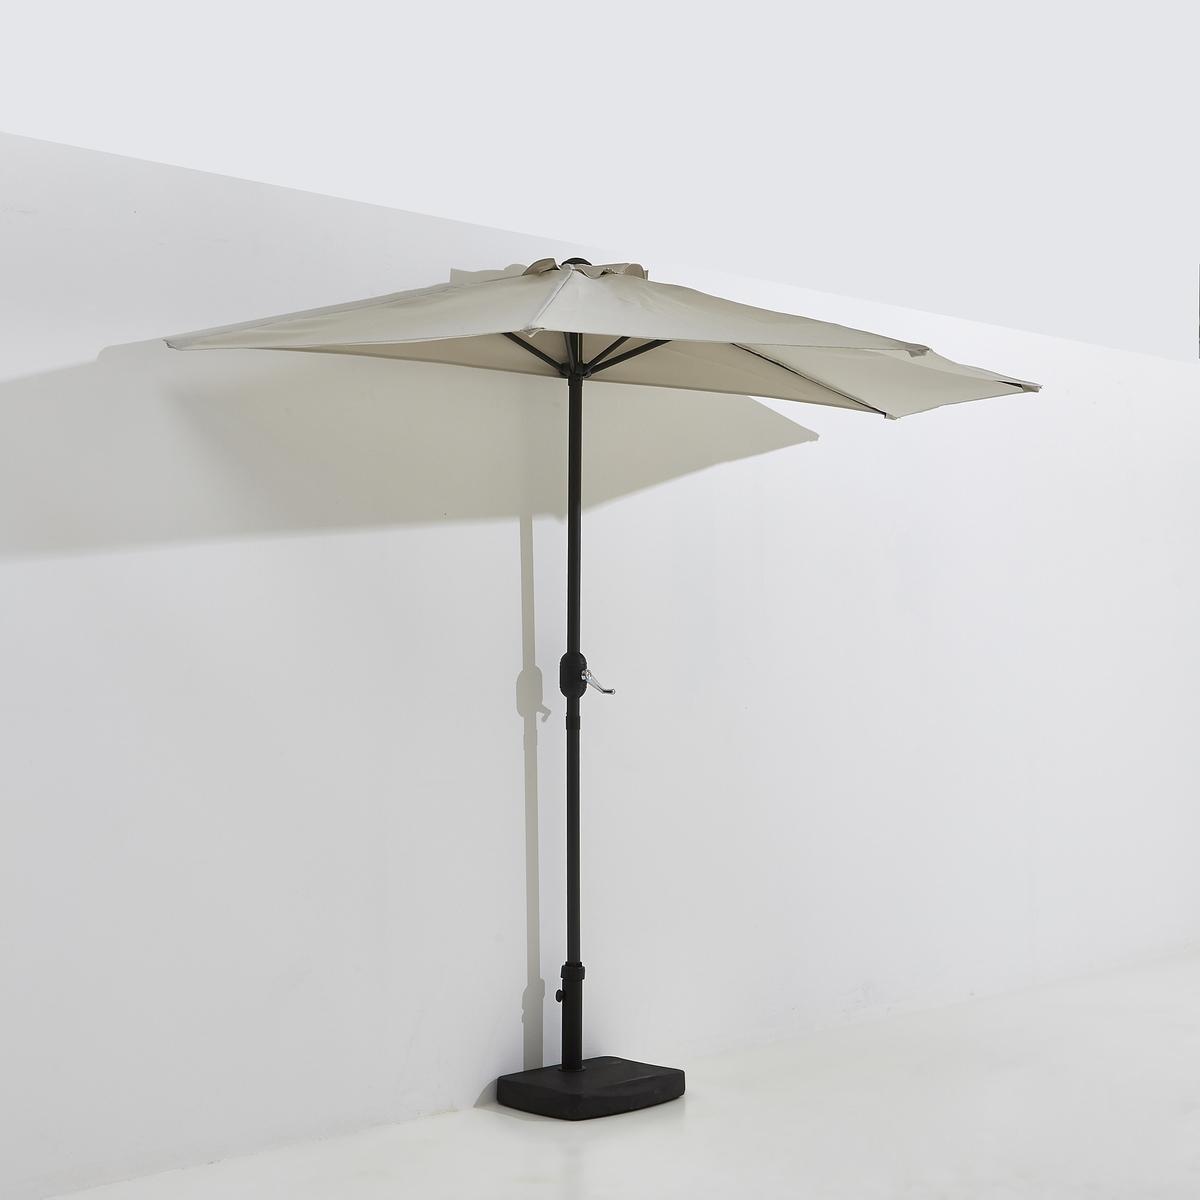 Зонт солнечный для балконаЭлегантный зонт для балкона и террасы .Описание зонта солнечного для балкона :Металлическая ножка в виде T Характеристики солнечного зонта для балкона  :Каркас из алюминия .5 спиц из алюминия Ткань из полиэстера Металлическая трубка Размер солнечного зонта :Верхушка ? 27 мм Секции спиц 12 x 18 мм Размеры и вес коробки :1 упаковка150 x 14 x 14 см, 4 кгДоставка :Солнечный зонт продается готовым к сборке . Возможна доставка до квартиры !! .<br><br>Цвет: бежевый<br>Размер: единый размер